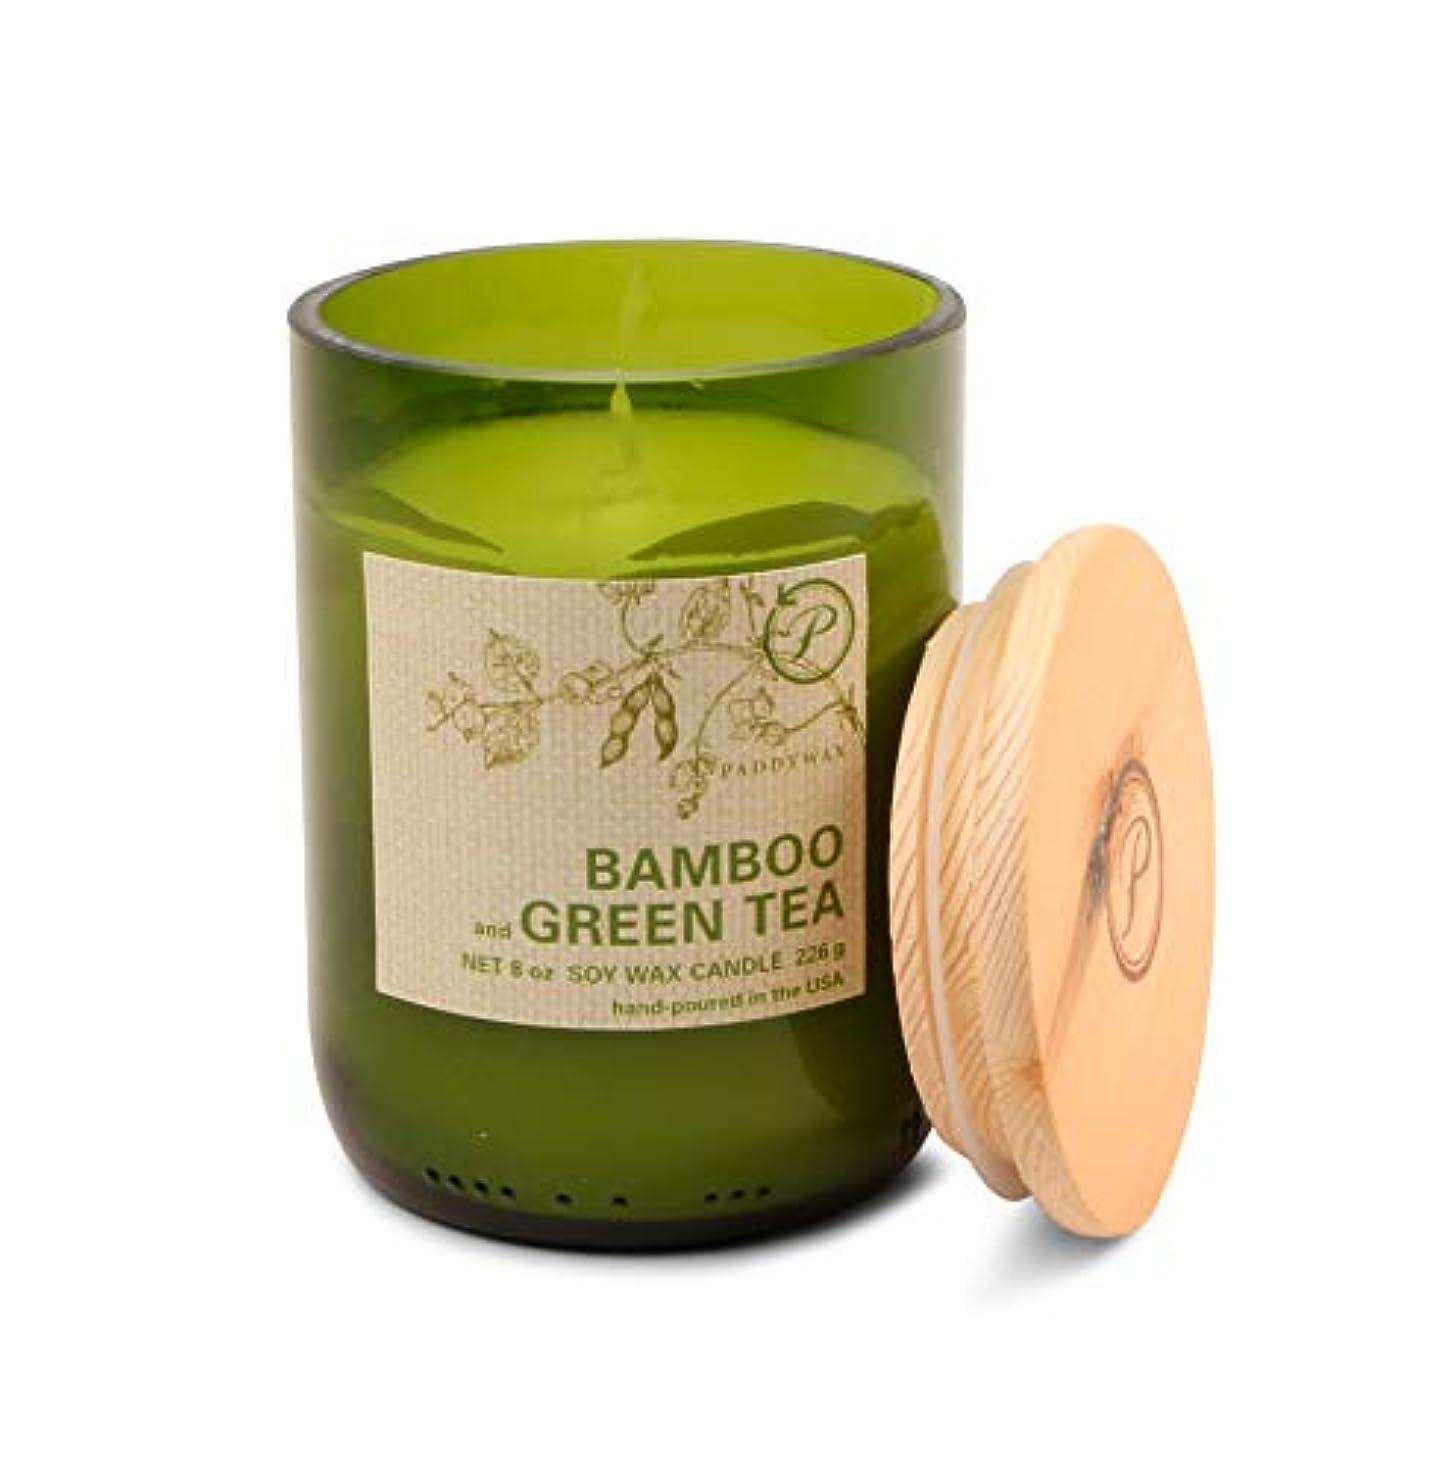 リンス後ろ、背後、背面(部透けるパディワックス(PADDYWAX) エコ?グリーン キャンドル(ECO GREEN Candle) バンブー & グリーンティー(BAMBOO and GREEN TEA)